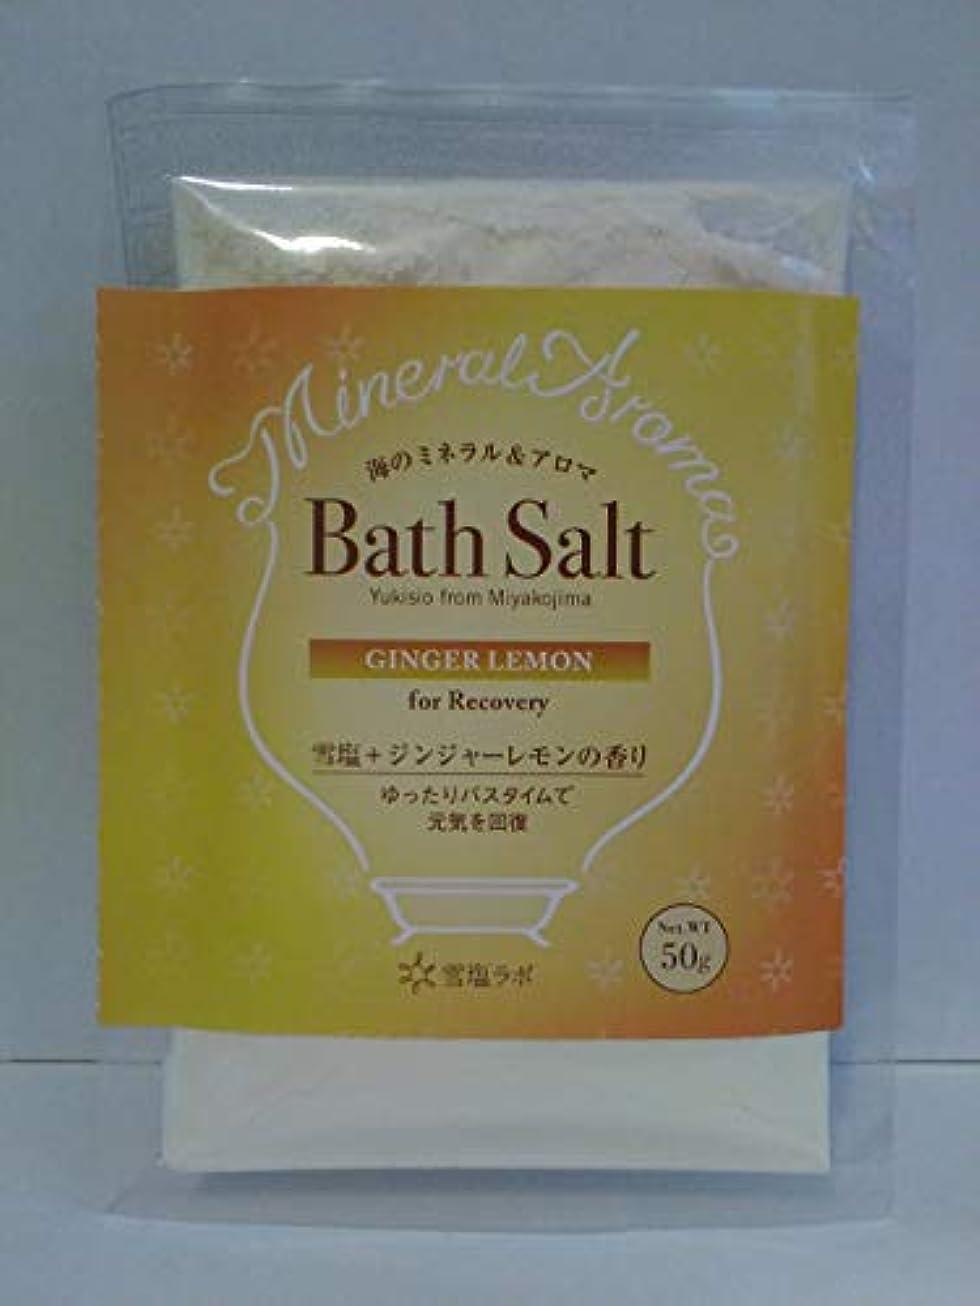 モザイク思慮深いペストリー海のミネラル&アロマ Bath Salt 雪塩+ジンジャーレモンの香り